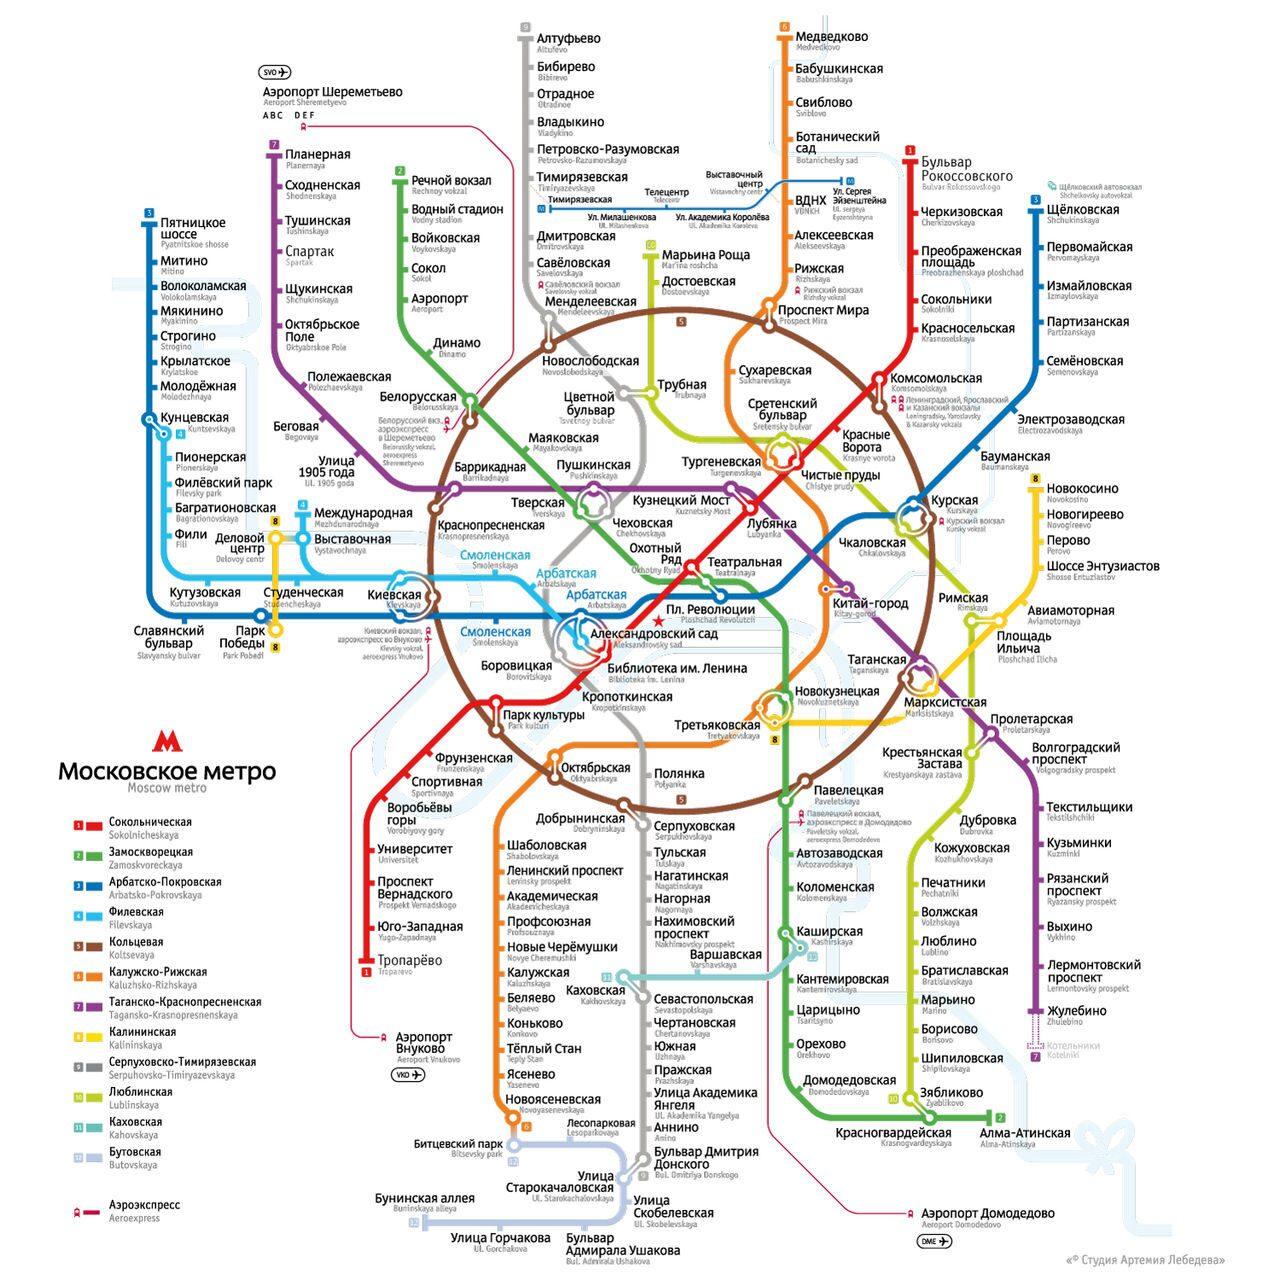 Схема метро москвы 1960